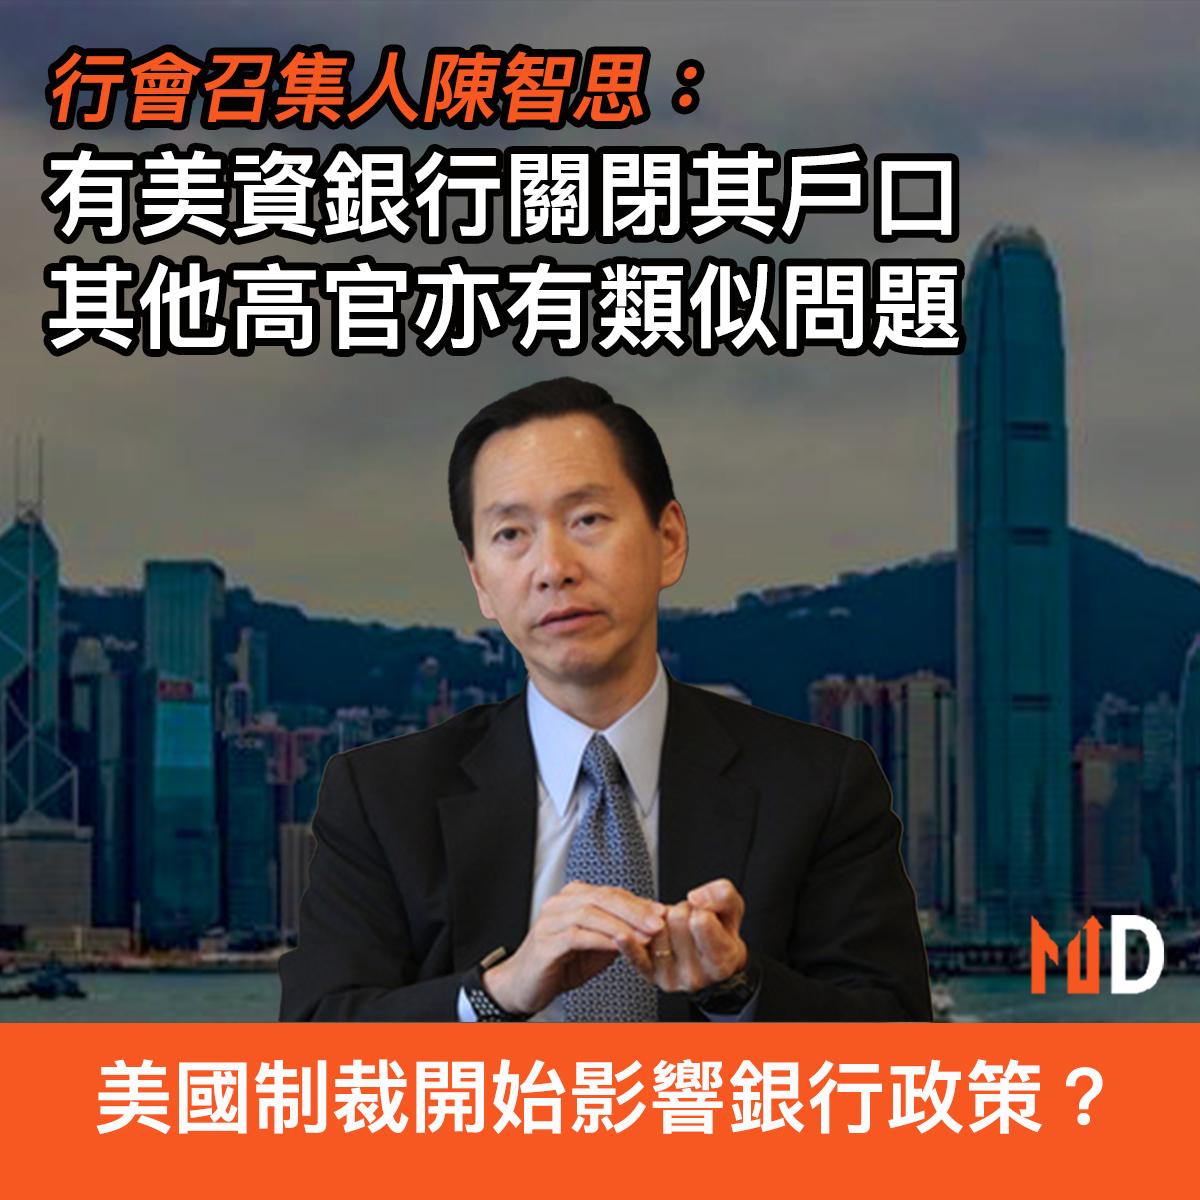 【市場熱話】行會召集人陳智思:有美資銀行關閉其戶口,其他高官亦有類似問題